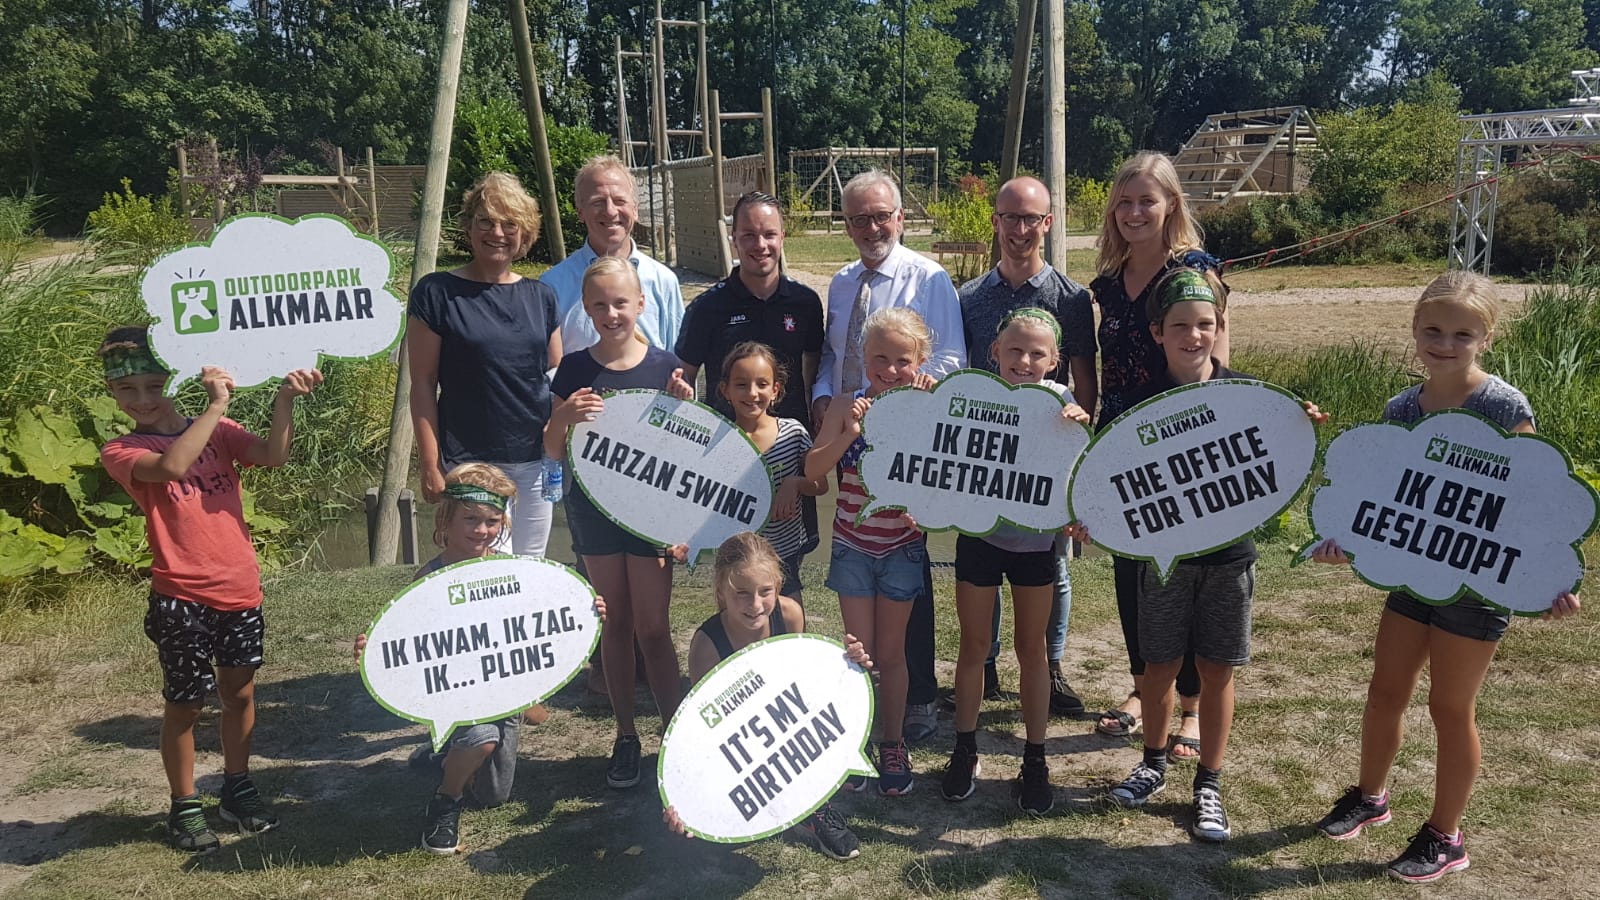 Burgemeester Piet Bruinooge bezoekt Outdoorpark Alkmaar. (Foto: aangeleverd)